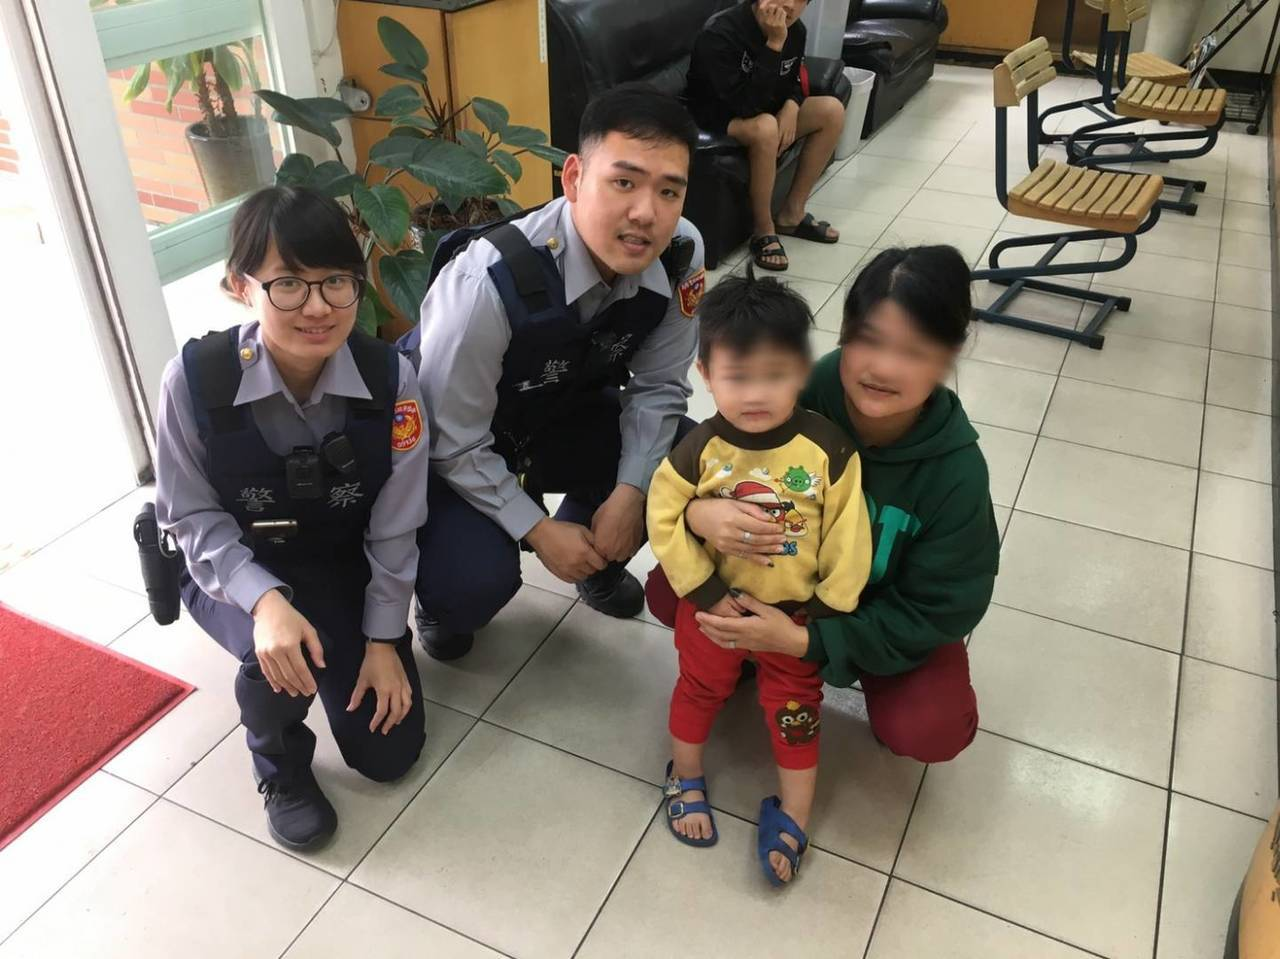 33歲的黃婦(右1)已育有3女1男,她的3歲愛孫(右2)昨晚走失被警方帶回安置,...